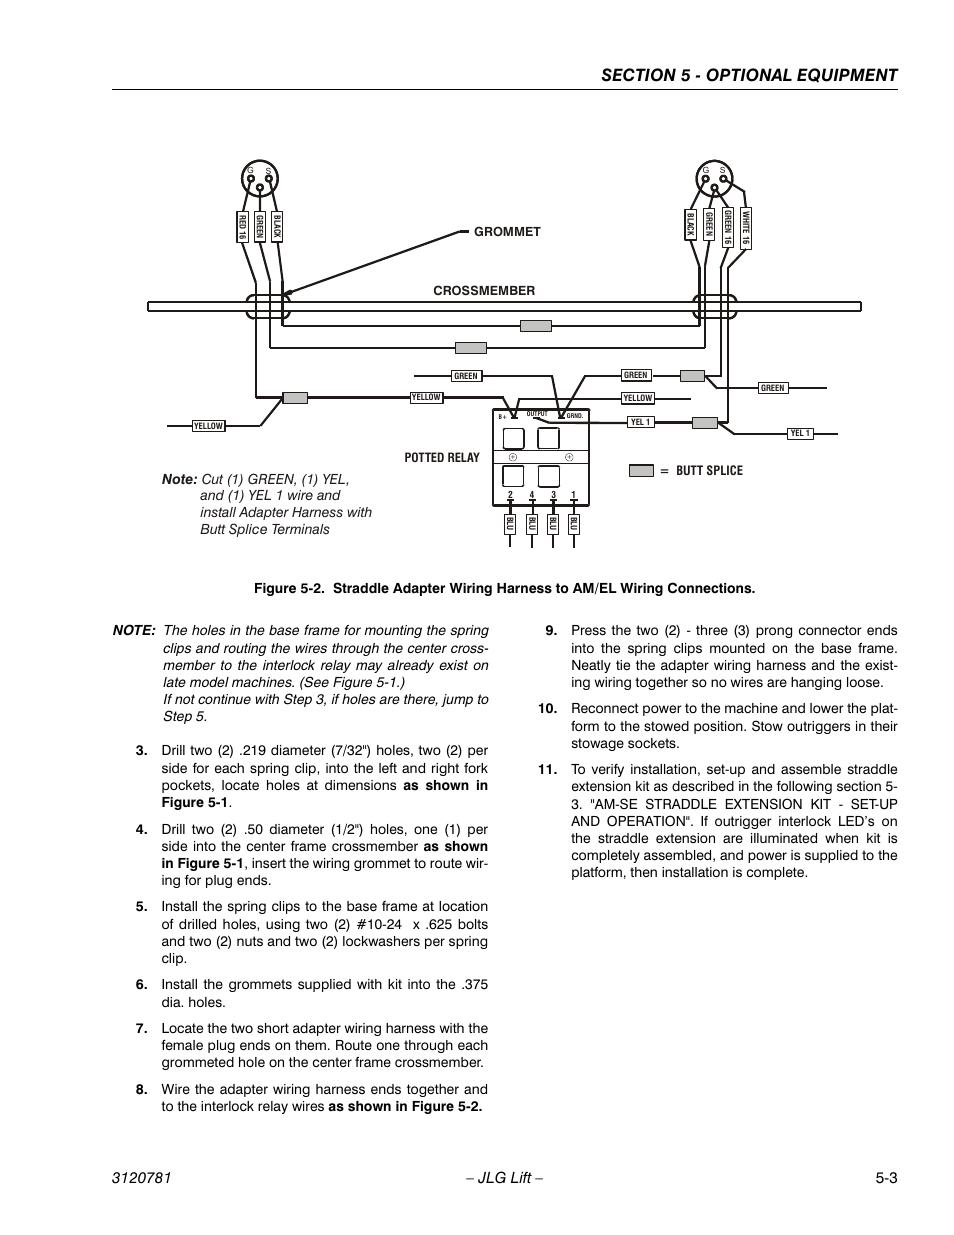 25el manual rh 25el manual oscilloscopes solutions